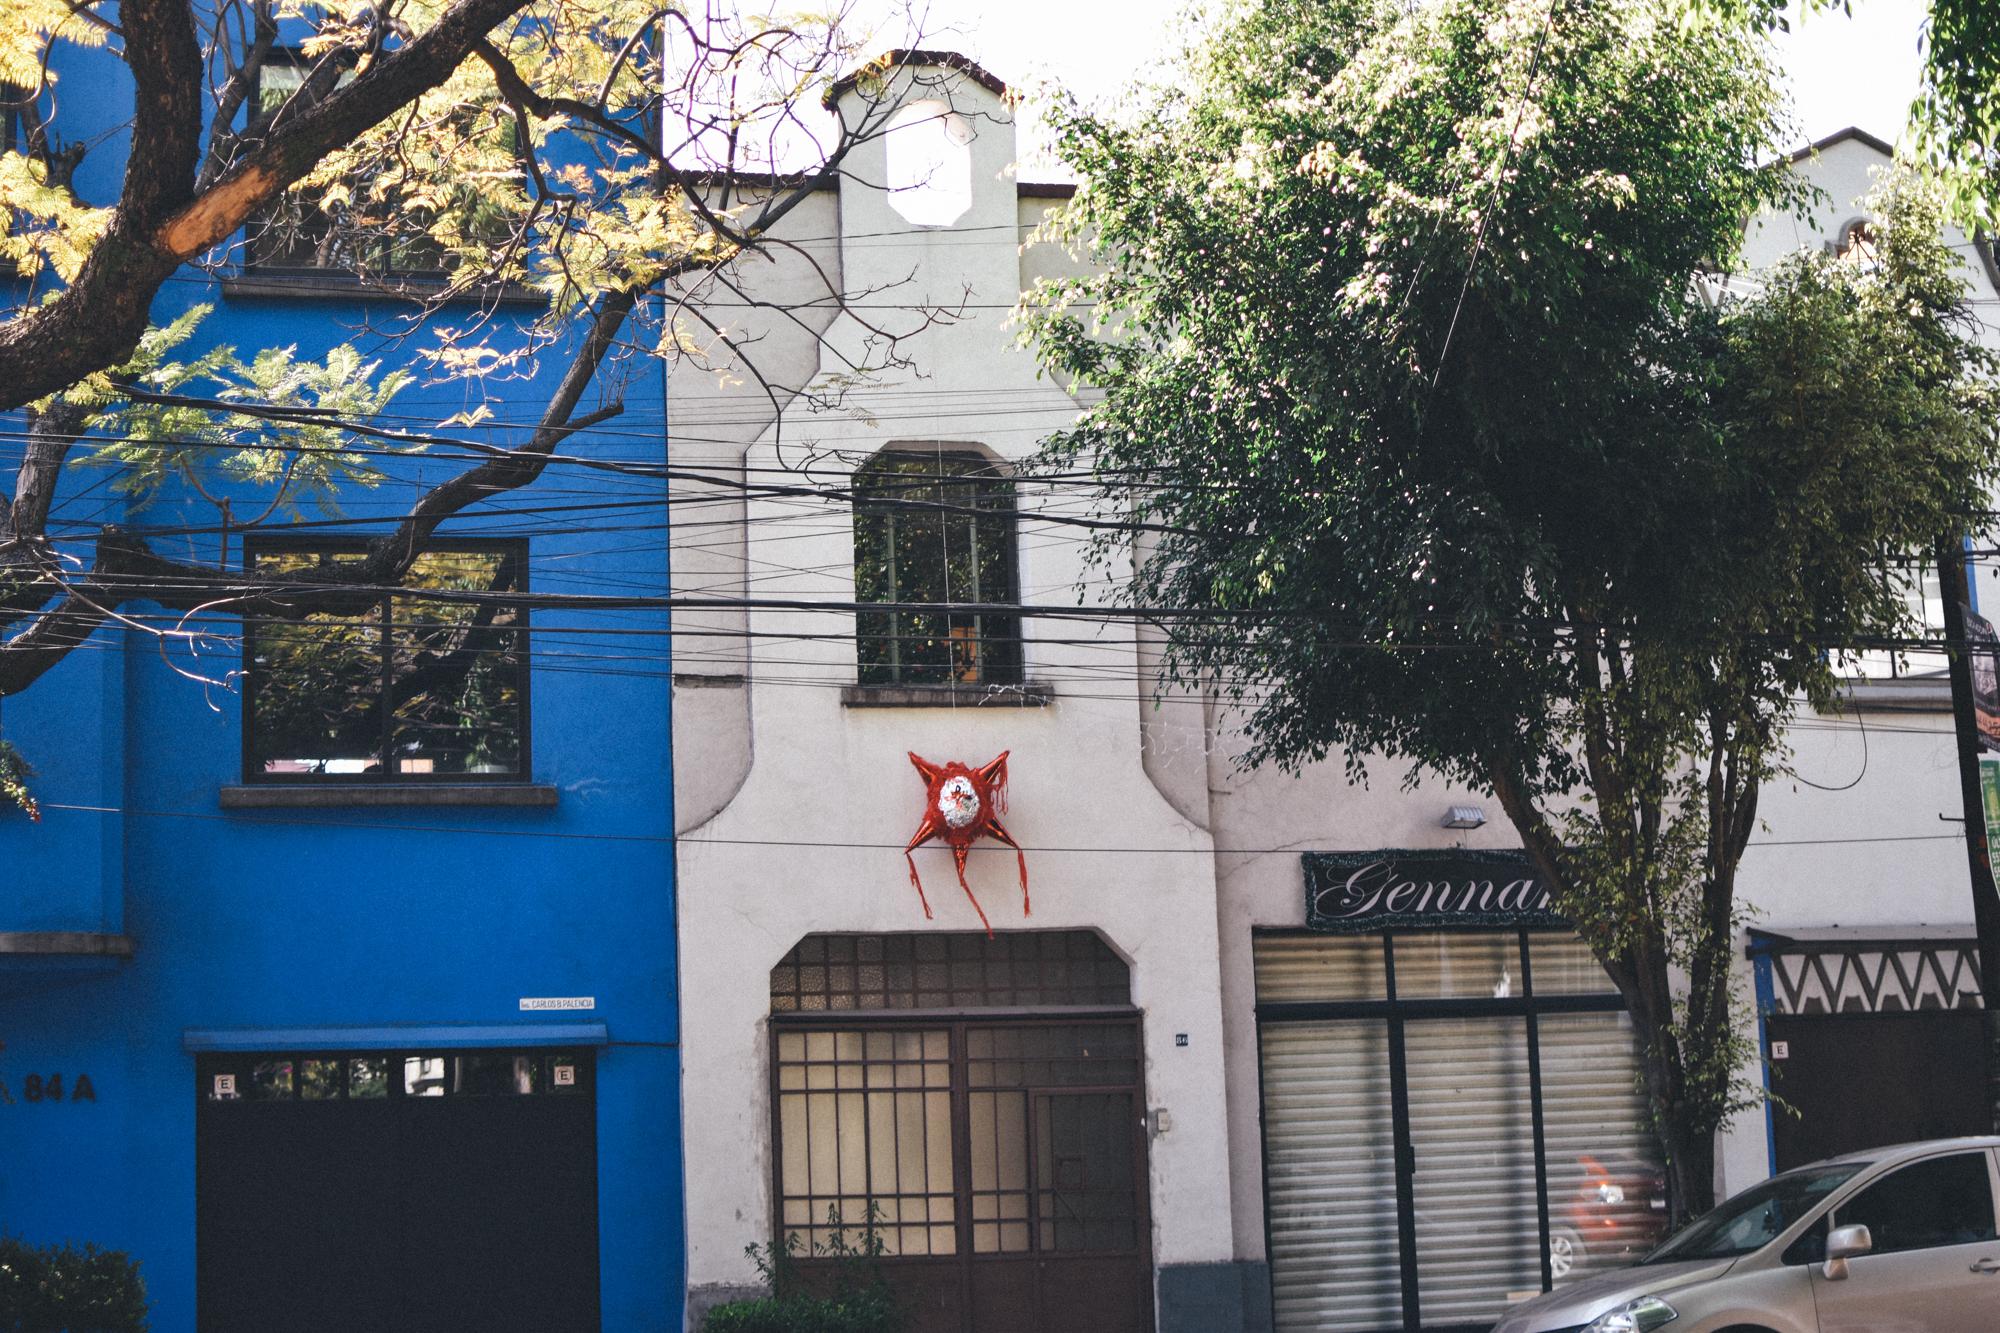 Kyle Studstill_photojournal_travel_Mexico City-20.jpg